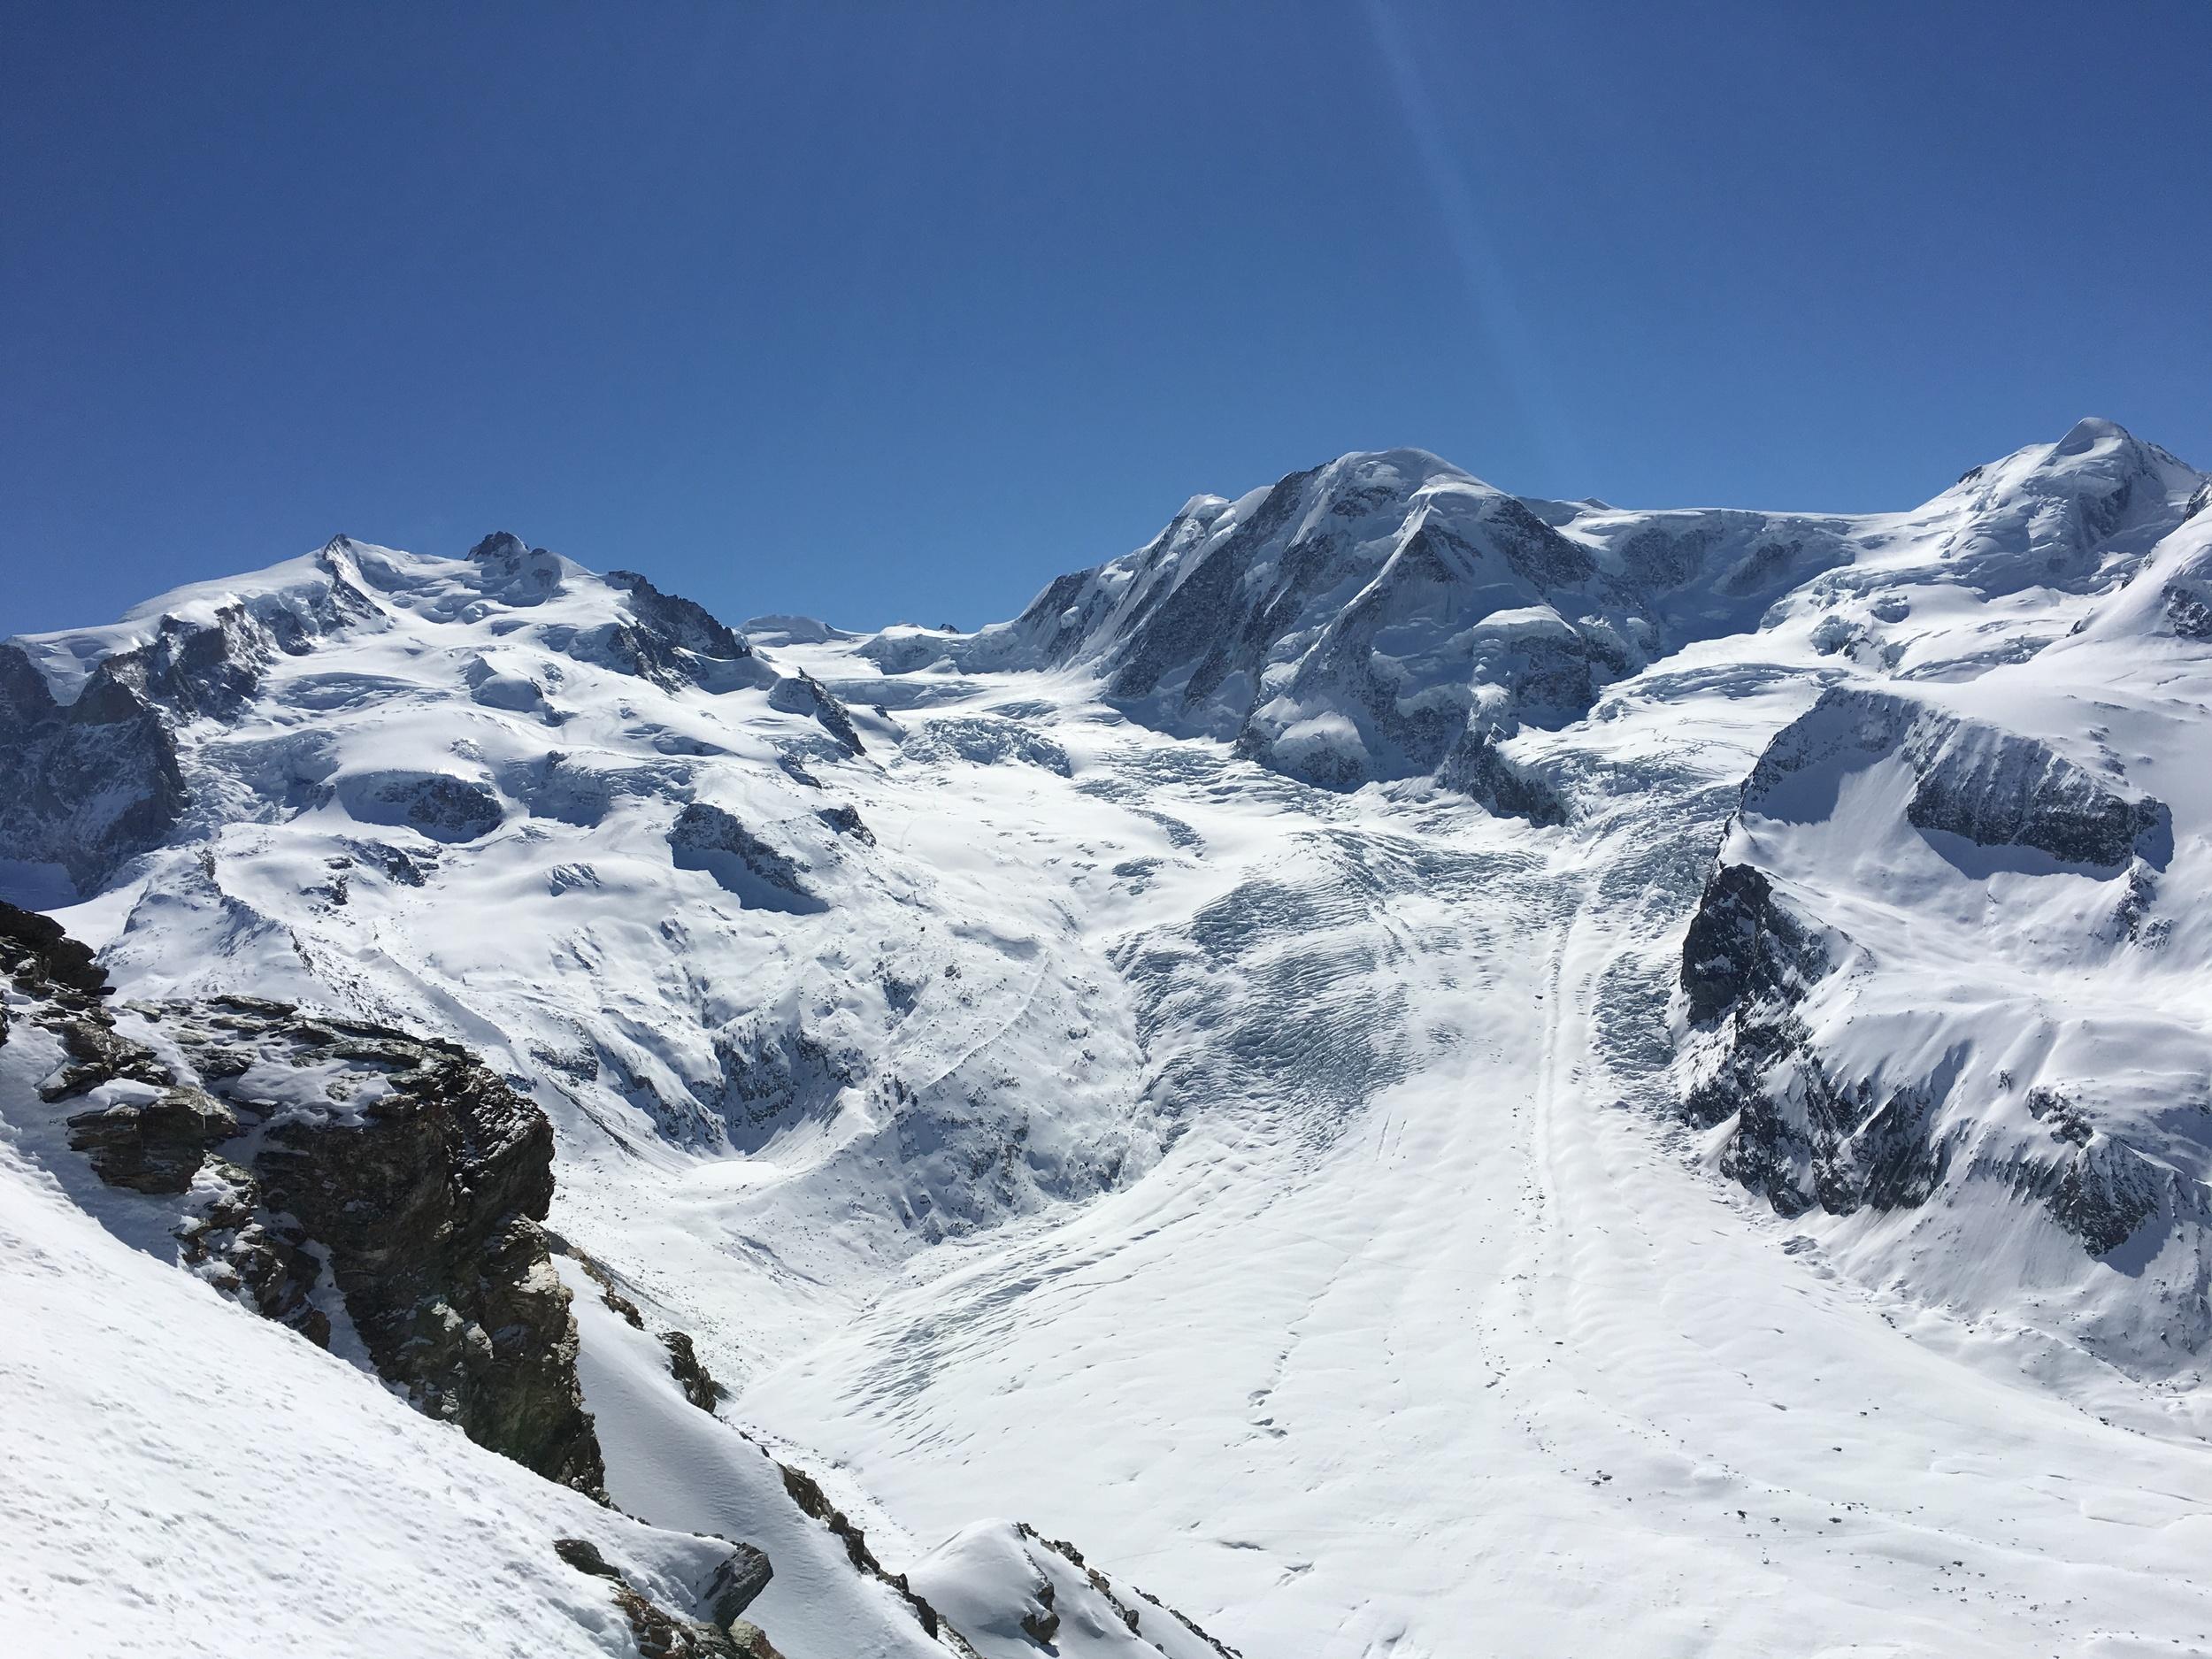 Gorner, el segundo glaciar más grande en los Alpes, visto desde la plataforma Gornergrat; se llega en un tren de cremallera que requiere una subida vertical de más de mil cuatrocientos metros. Foto: Marco Dettling